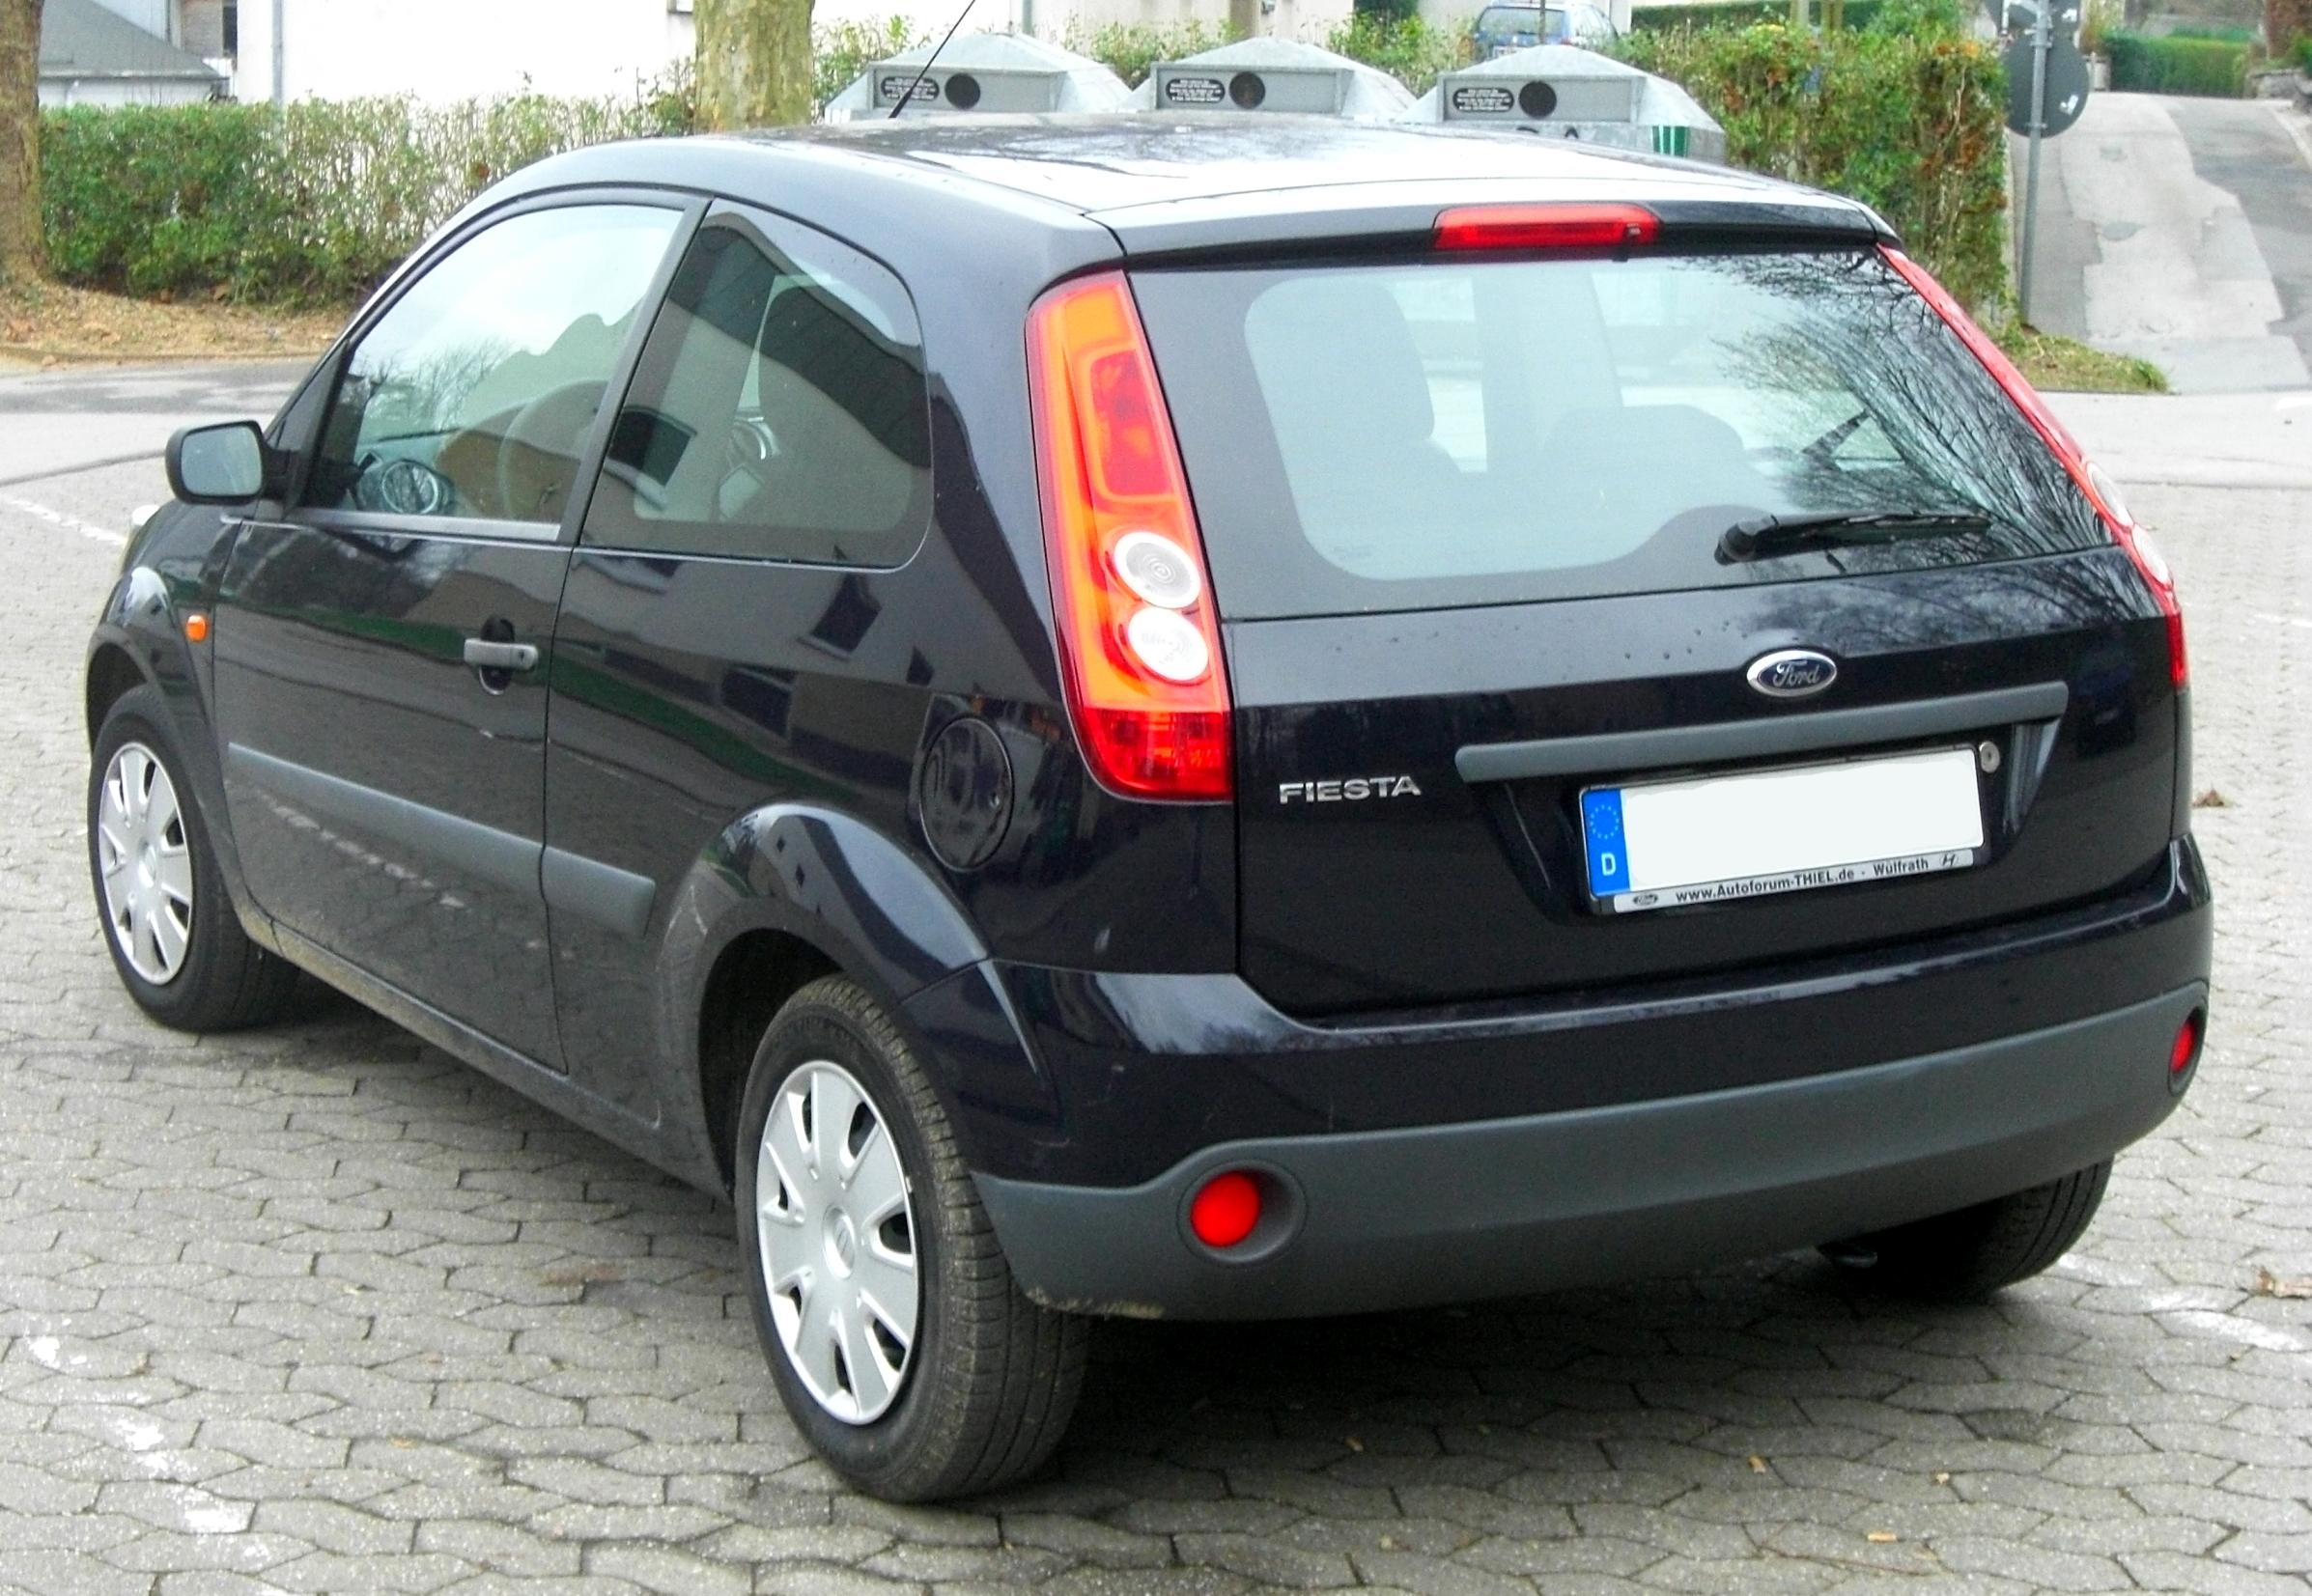 Ford_Fiesta_MK6_%28Facelift,_2005%E2%80%